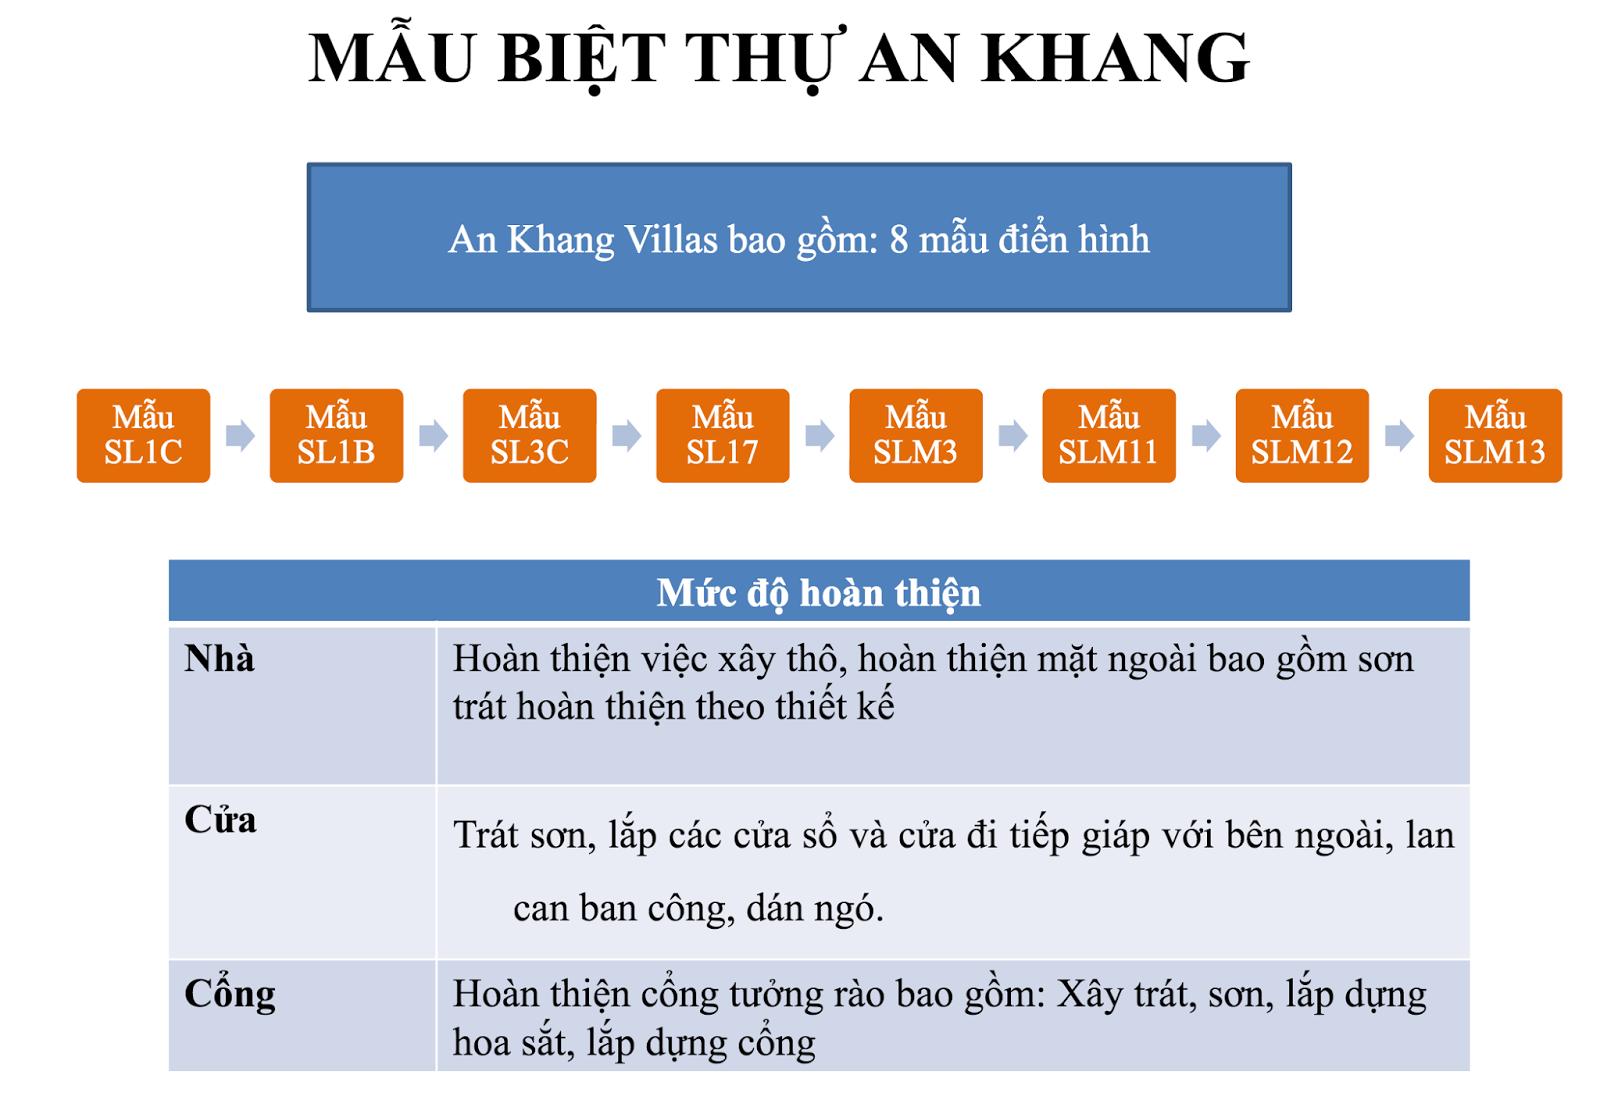 Mẫu biệt thự An Khang Dương Nội